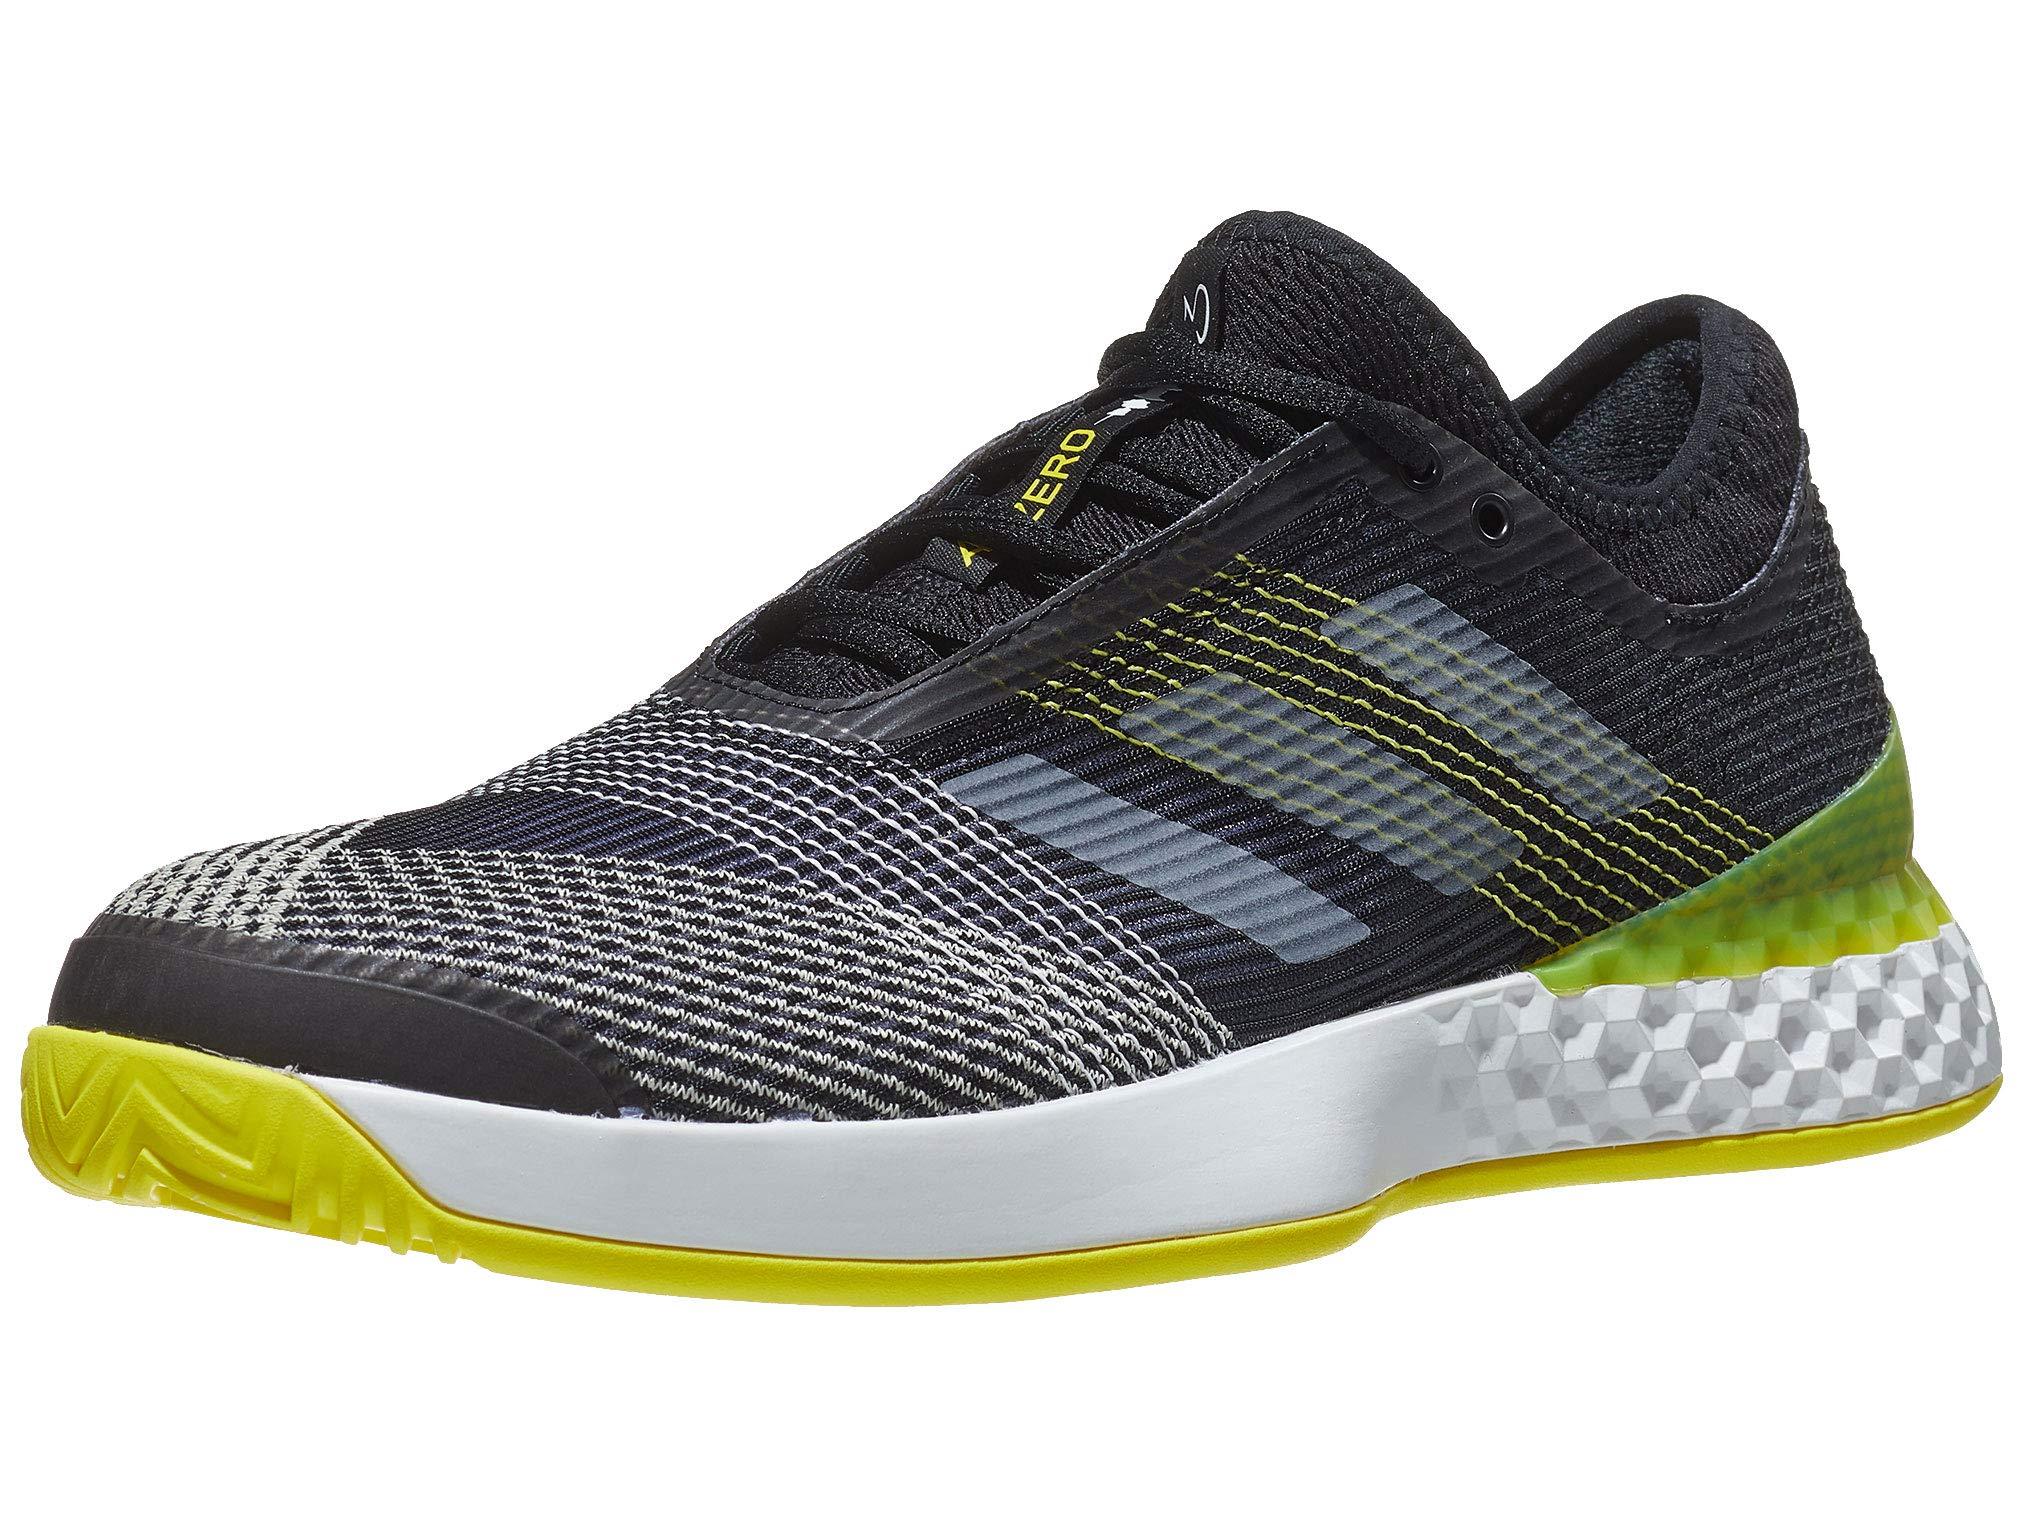 adidas Adizero Ubersonic 3.0 Shoe - Men's Tennis 6.5 Core Black/White/Shock Yellow